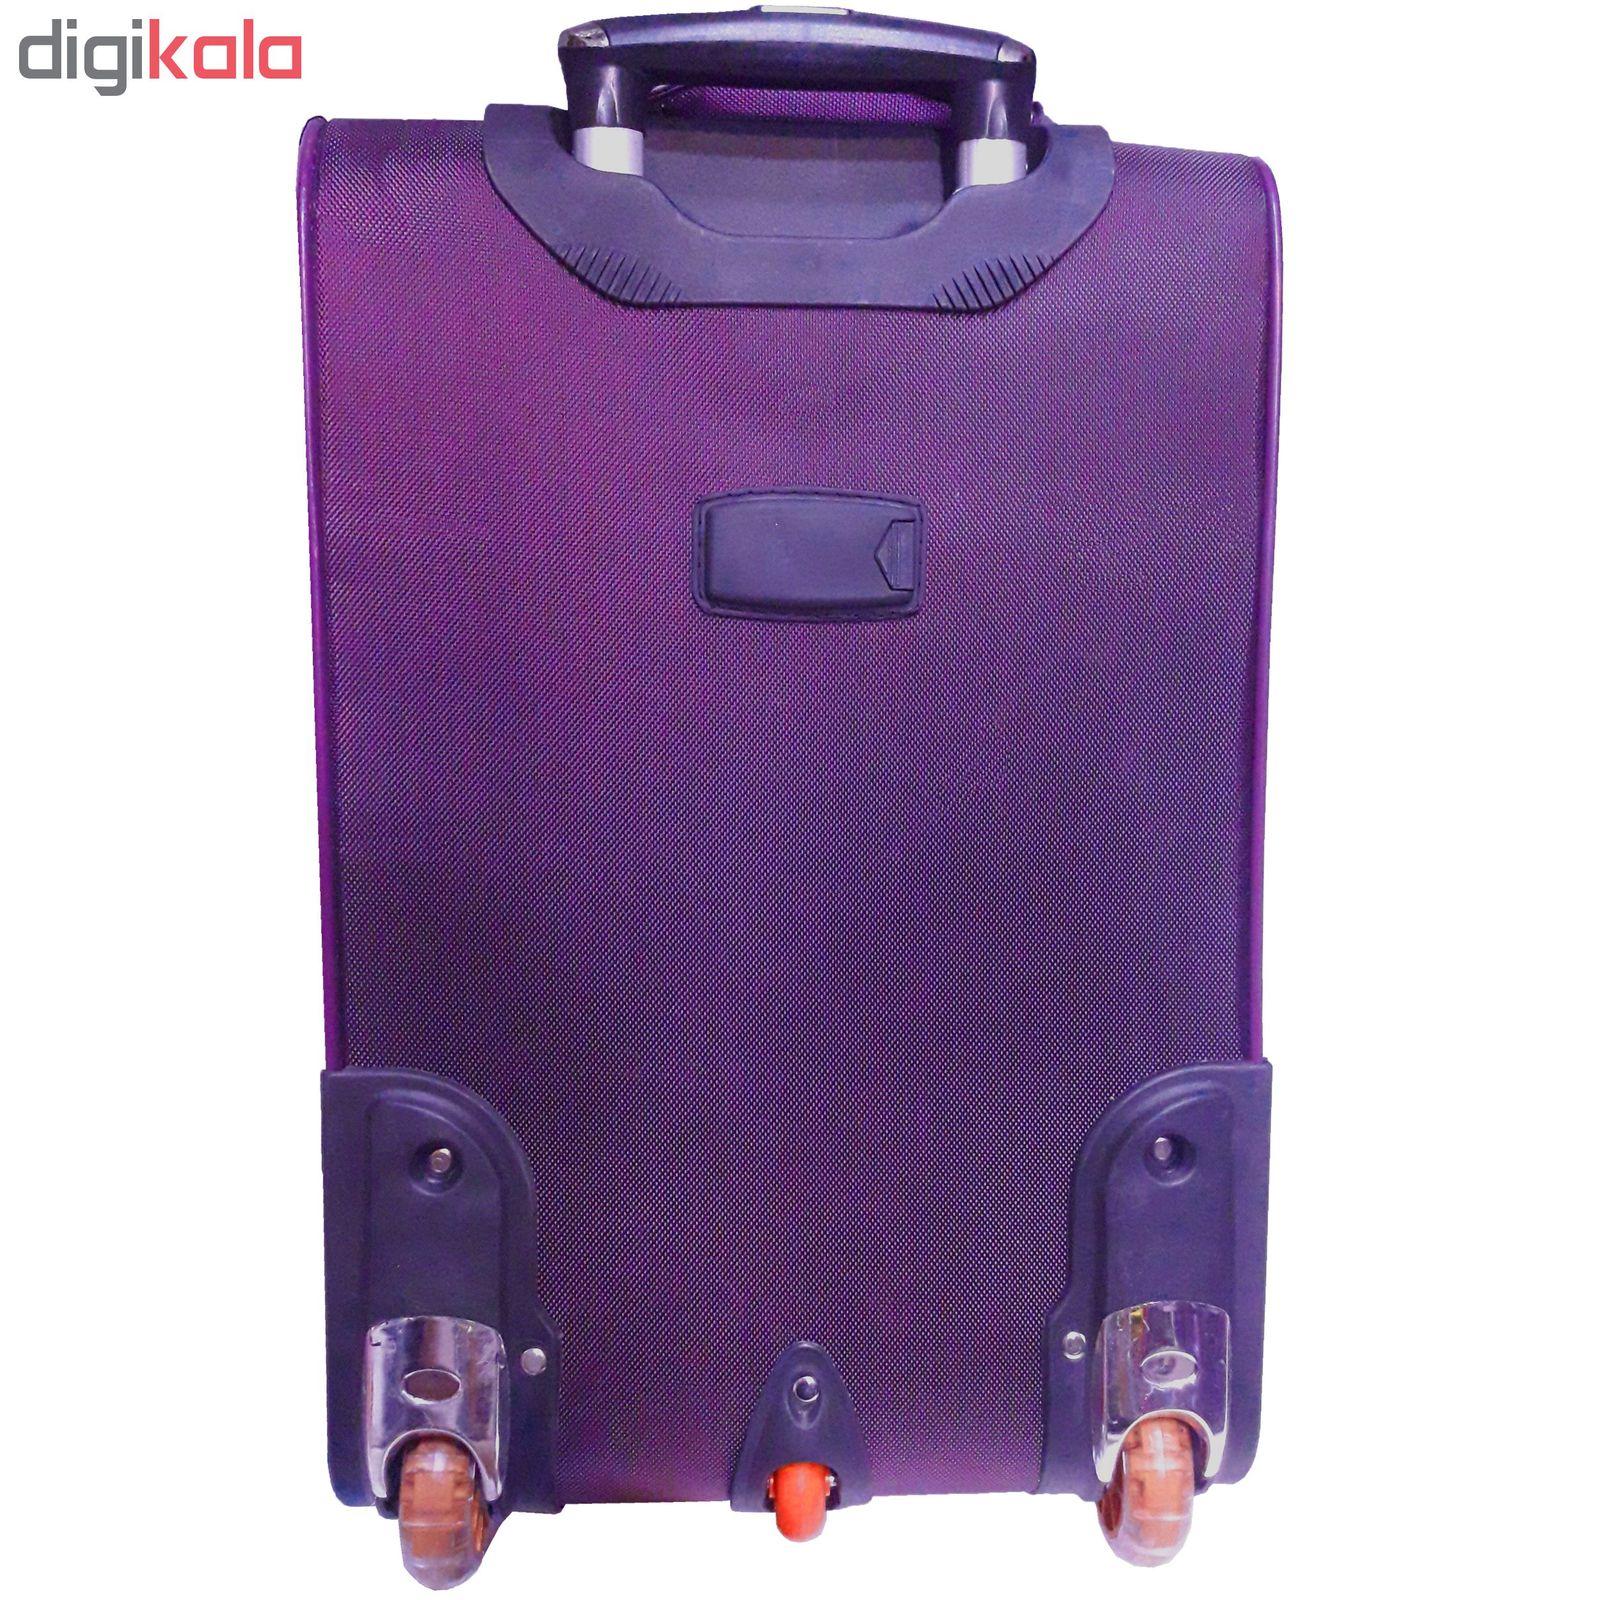 مجموعه سه عددی چمدان تاپ استار مدل t3 main 1 6